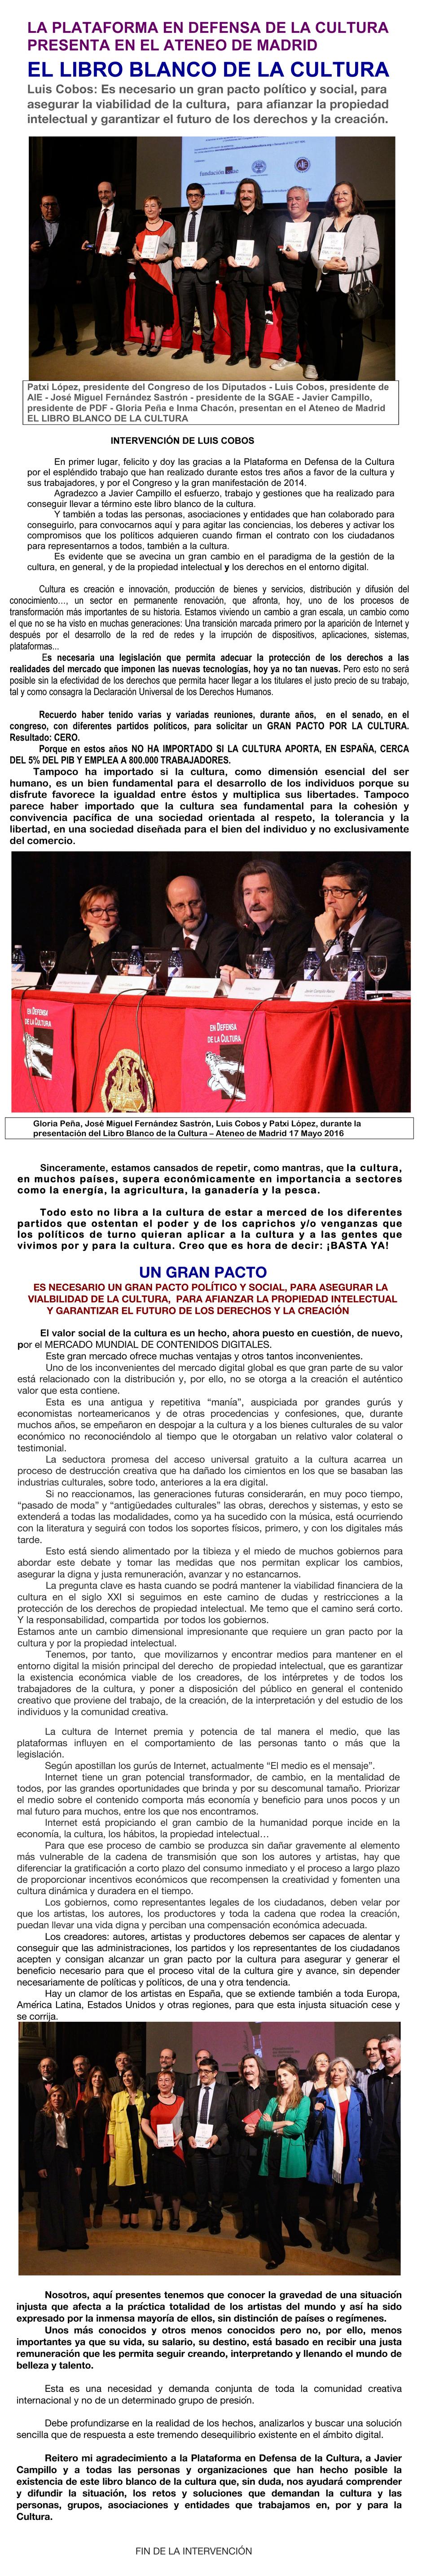 presentacionlibroblanco